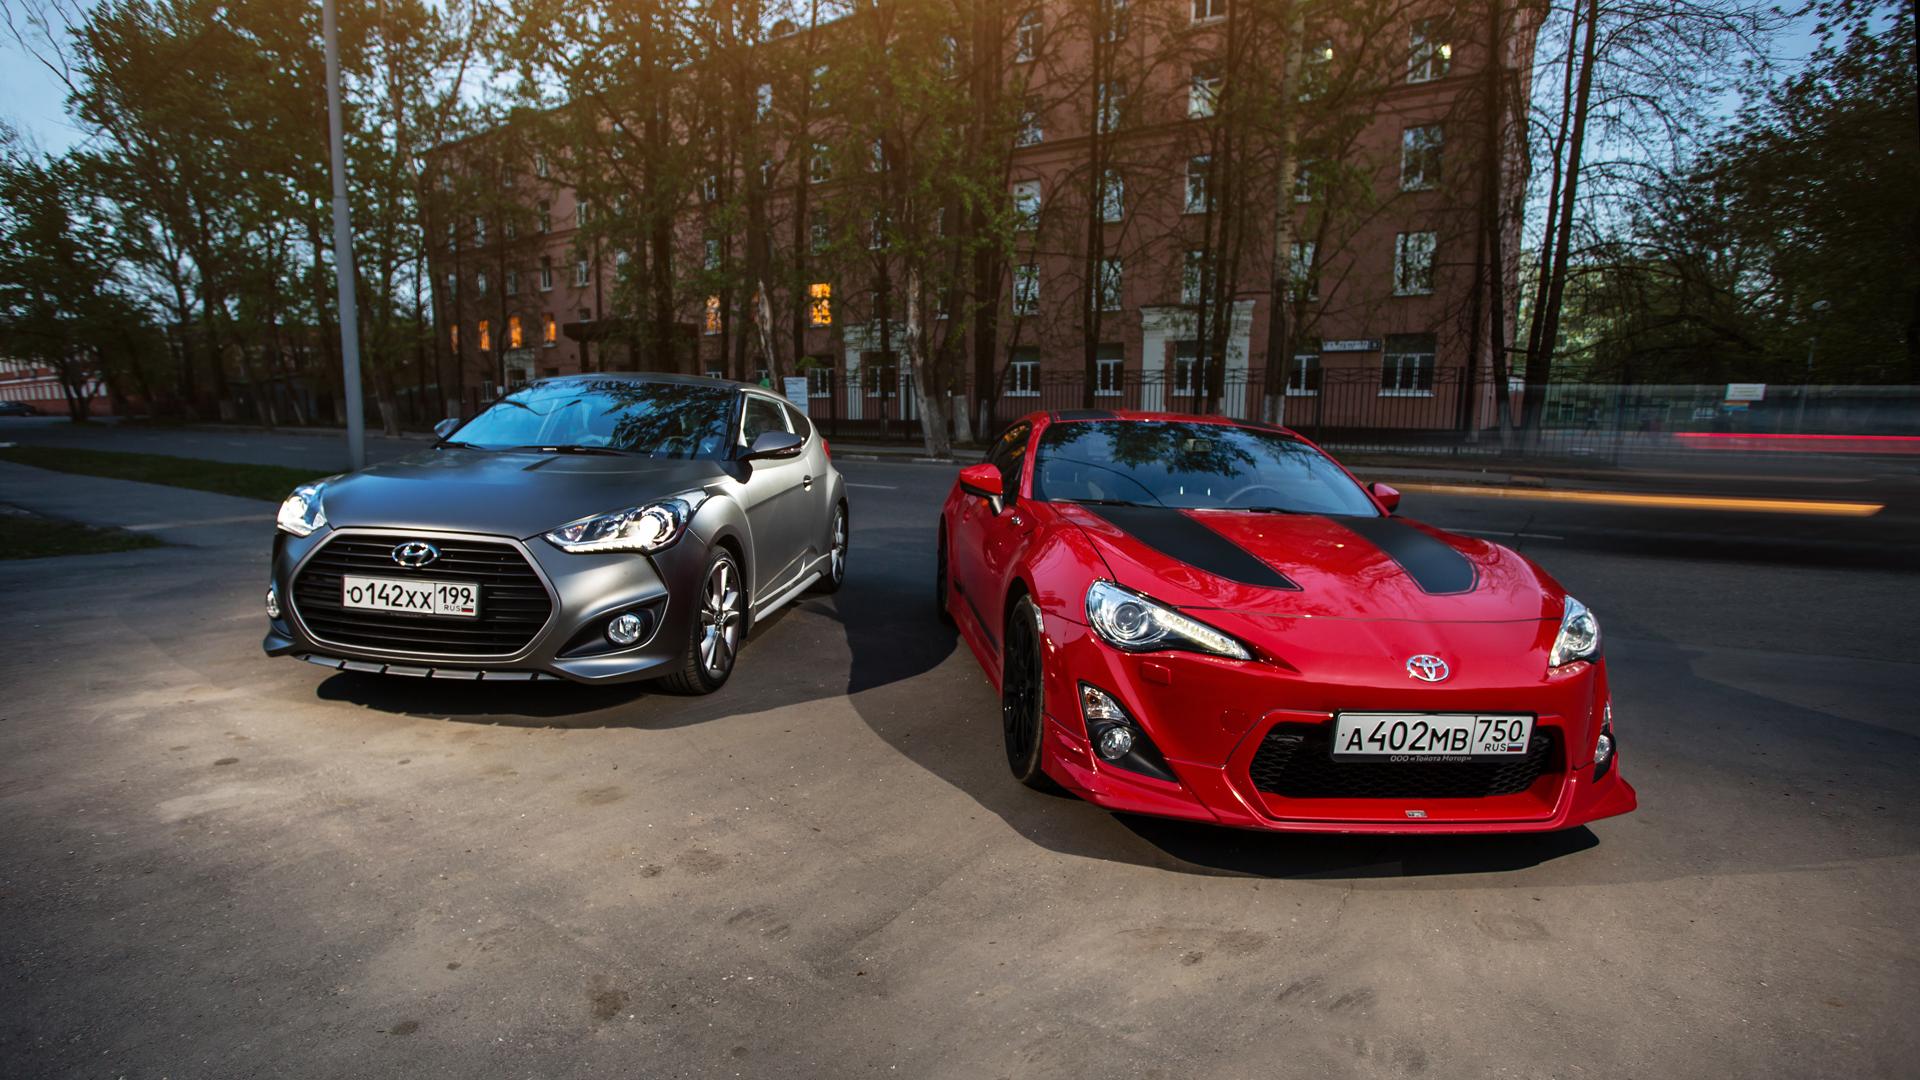 У тебя маленький стартап и есть деньги на первую машину? Спроси нас, какую выбрать!. Фото 3